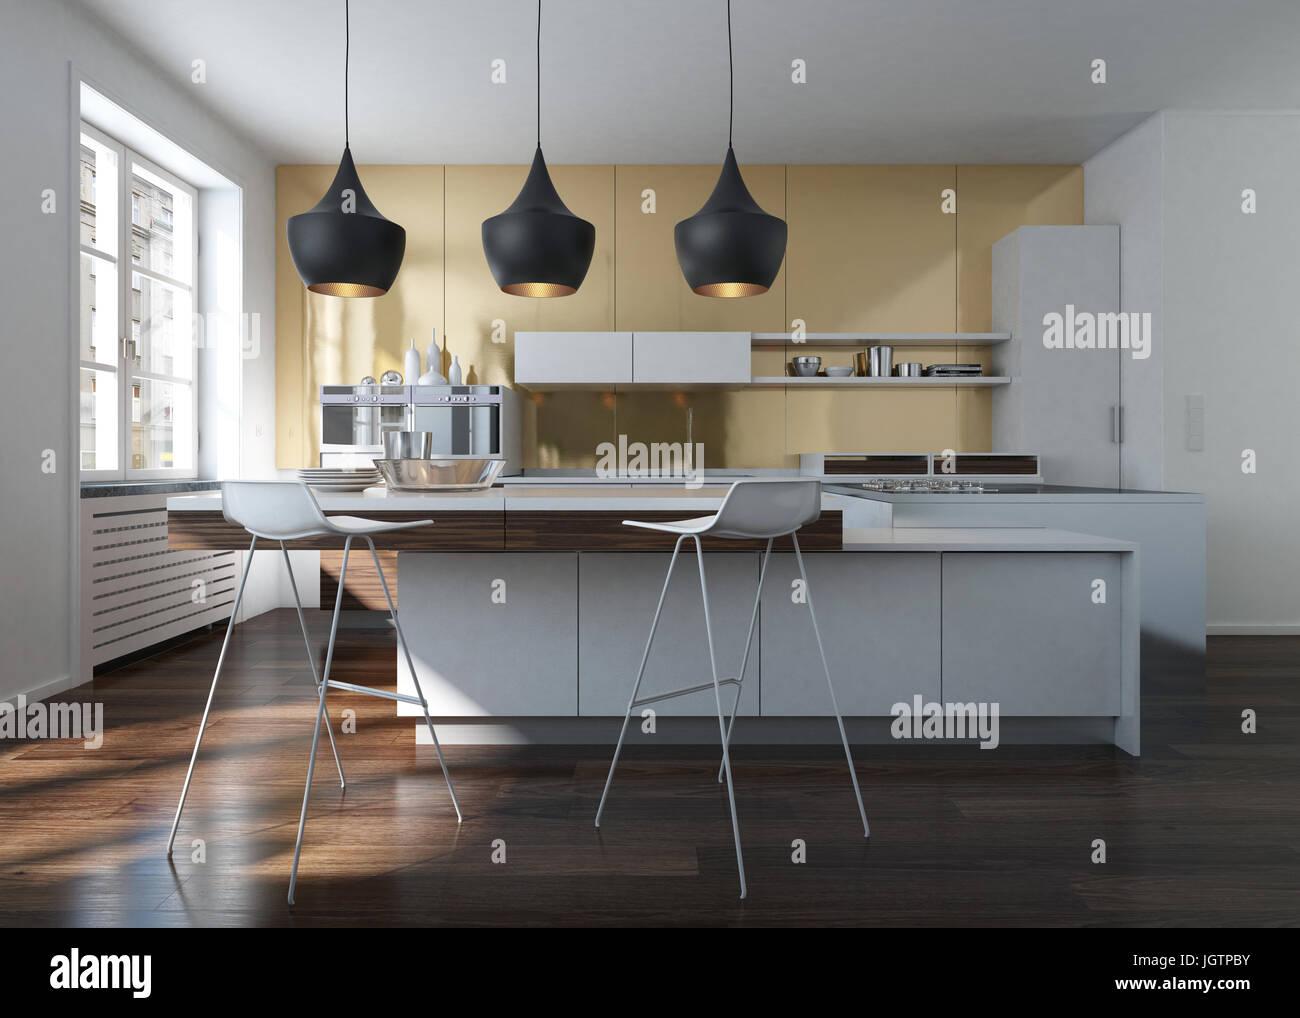 Modern design kitchen interior with golden wall in an urban loft ...